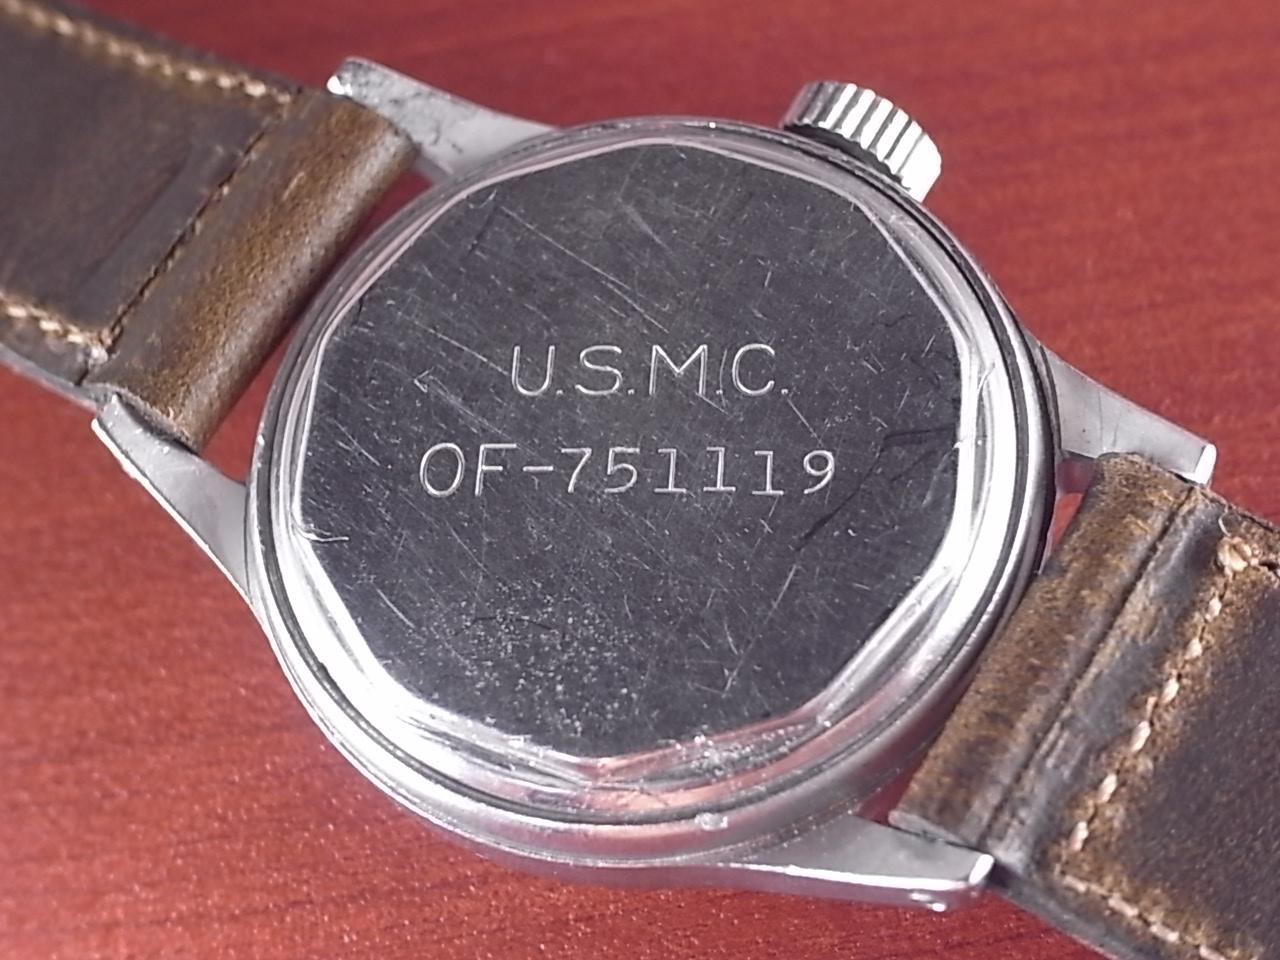 ハミルトン アメリカ海兵隊 U.S.M.C. 1950年代の写真4枚目